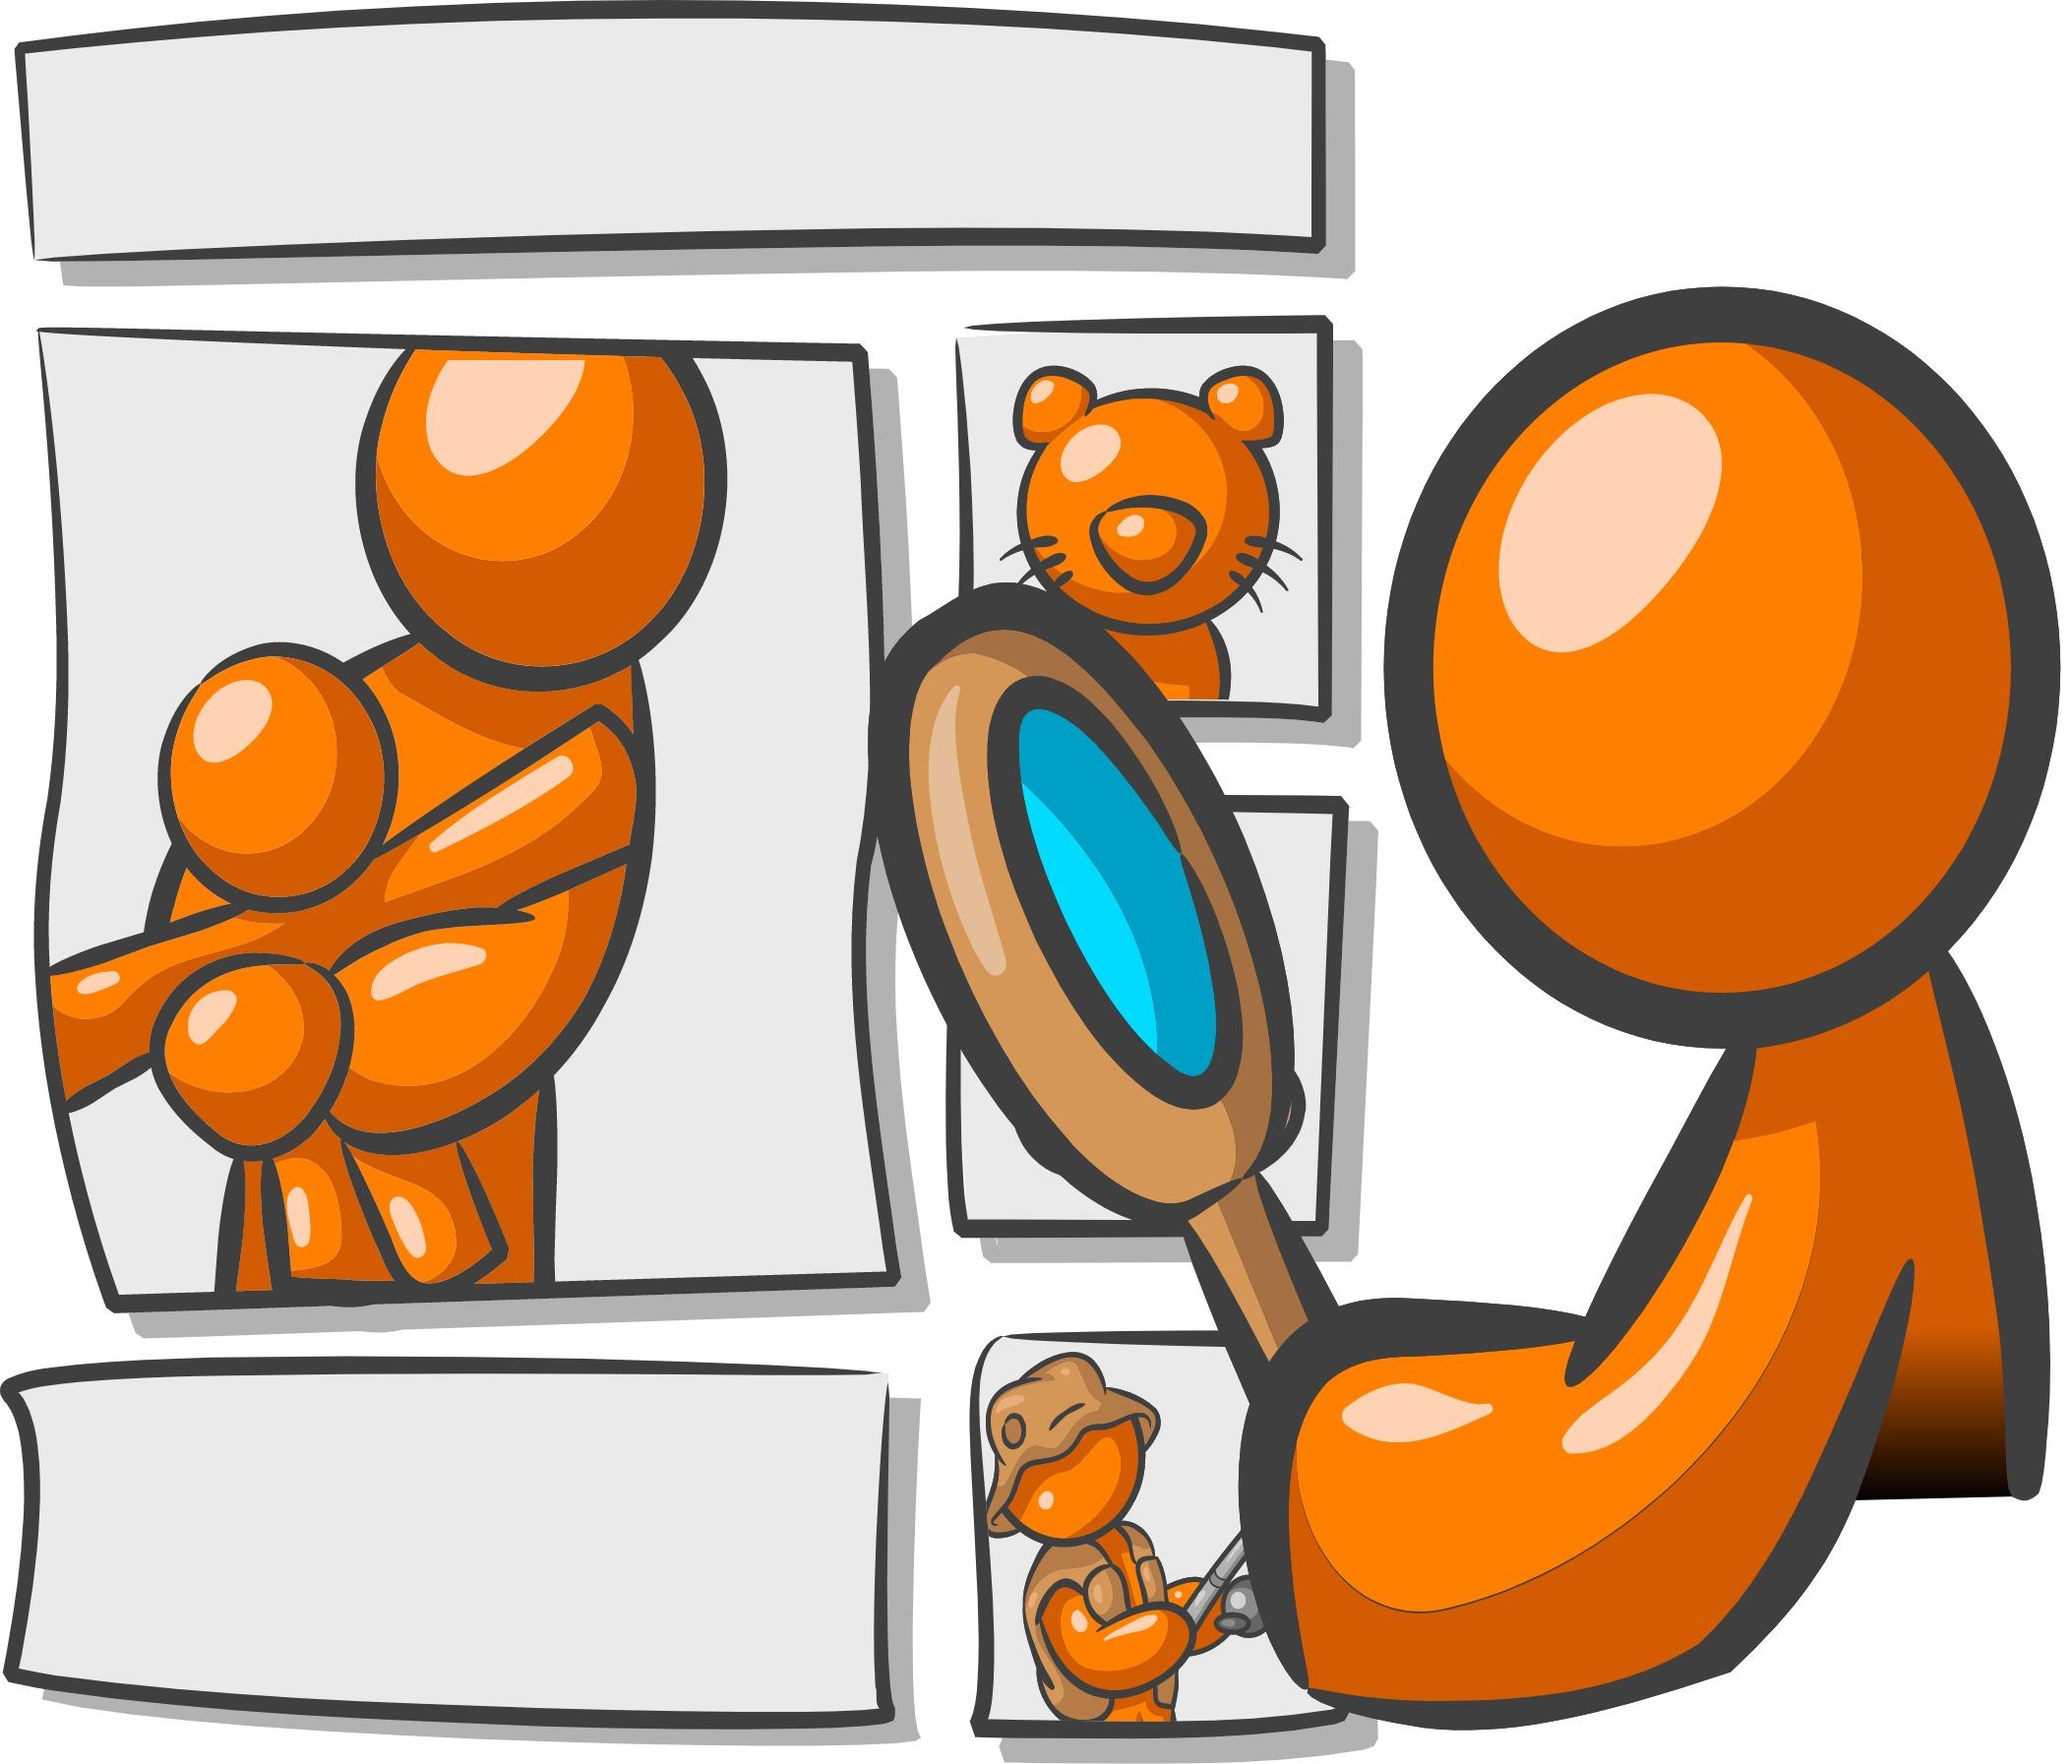 seo analyse product image